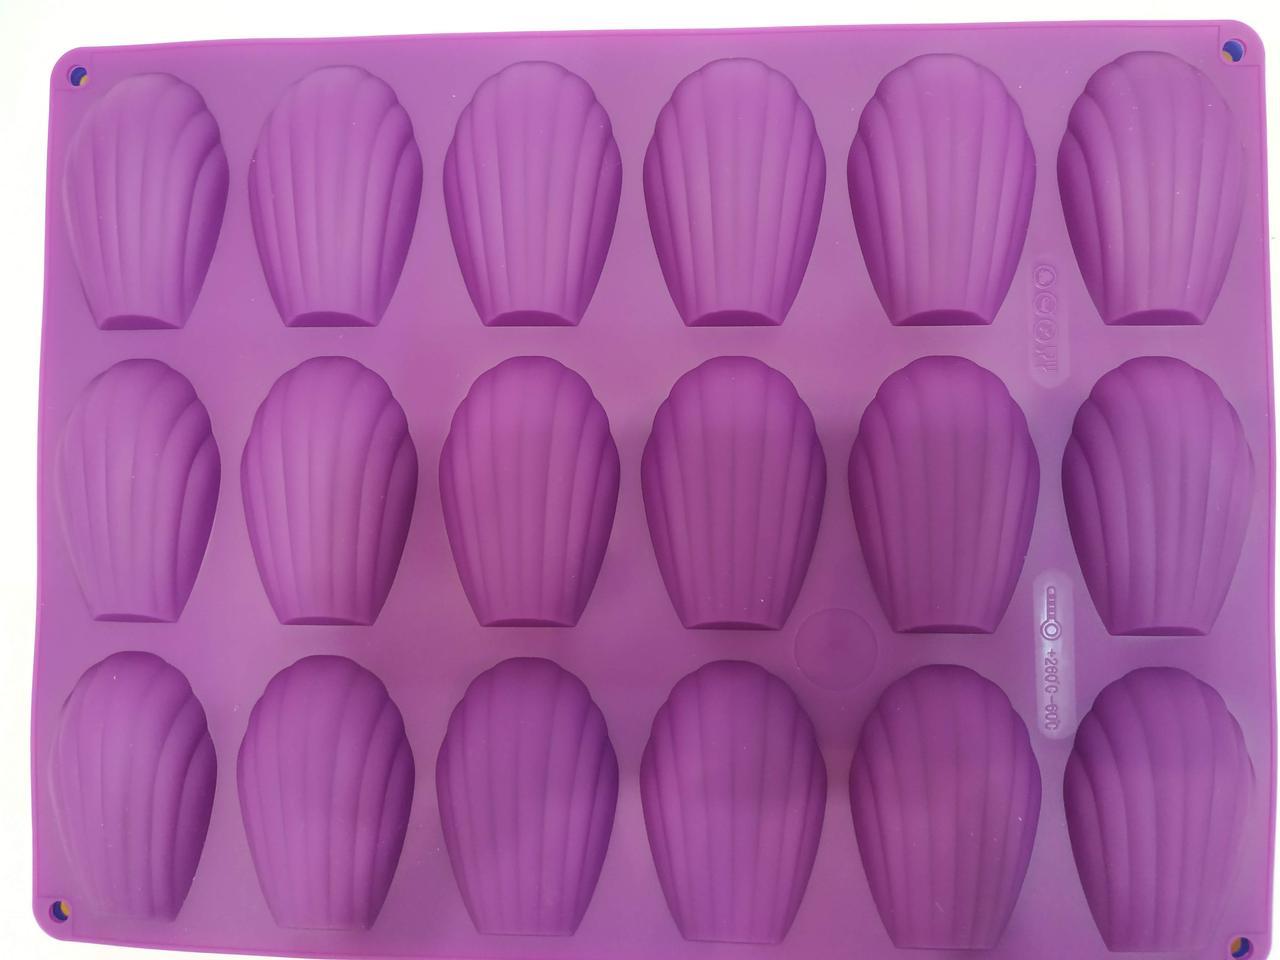 Силиконовая форма для печенья Мадлен 18 шт